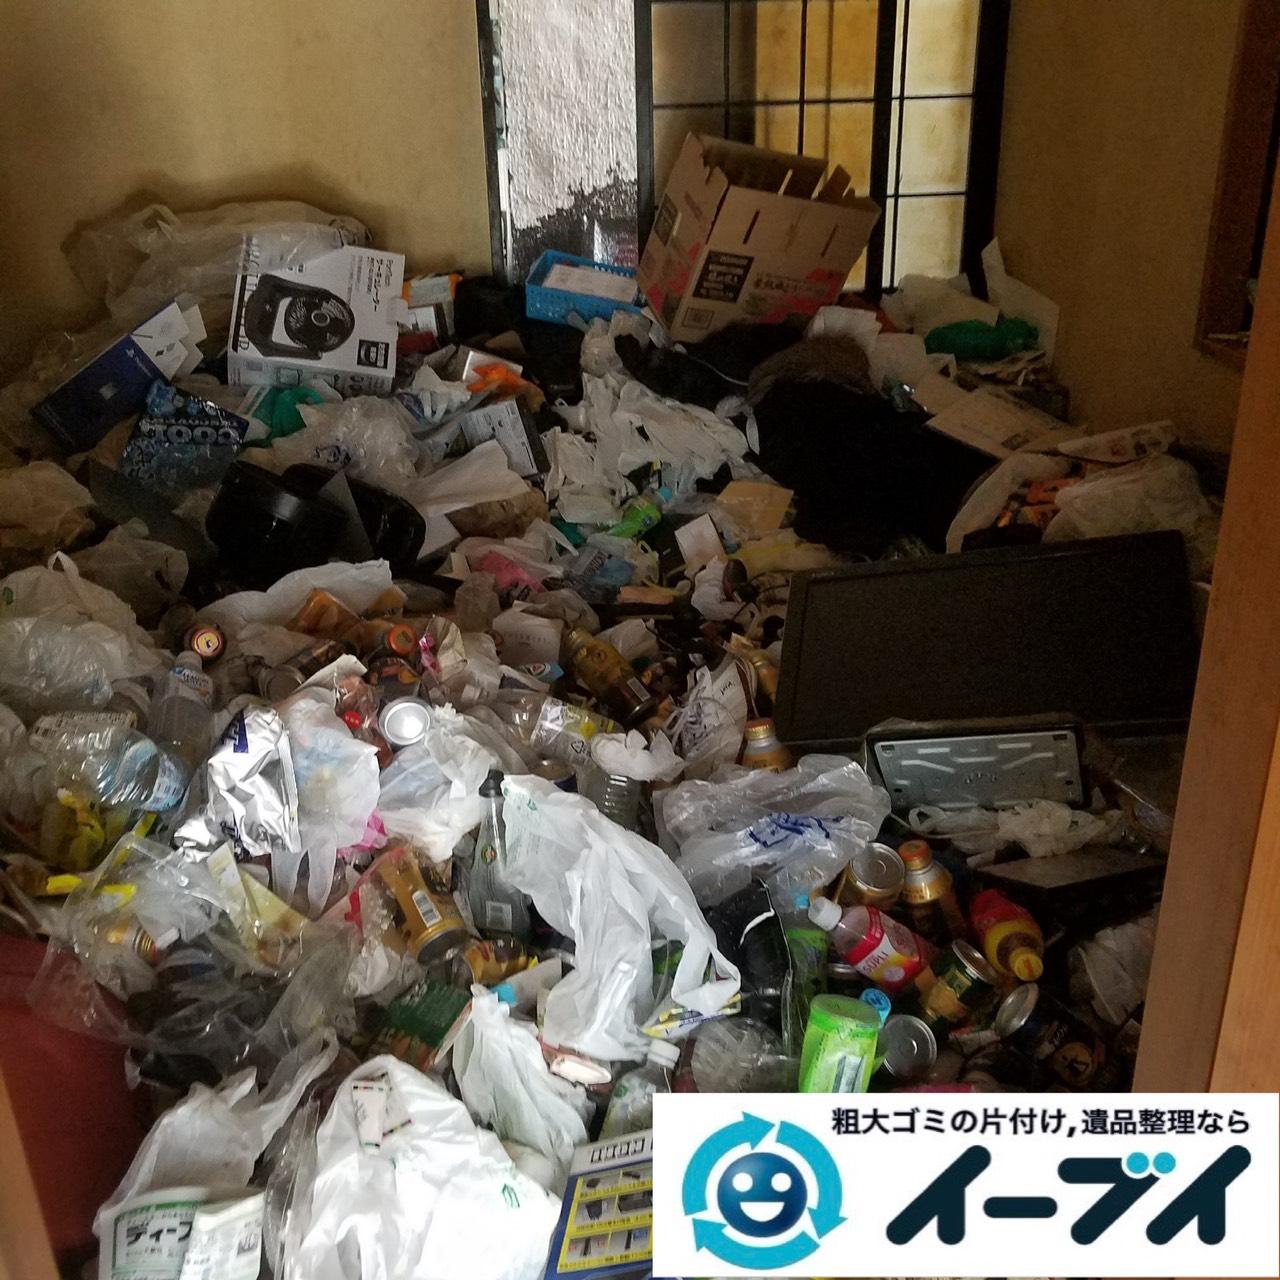 2019年9月11日大阪府大阪市福島区で食品ゴミや生活ゴミが散乱したゴミ屋敷の片付け作業。写真5